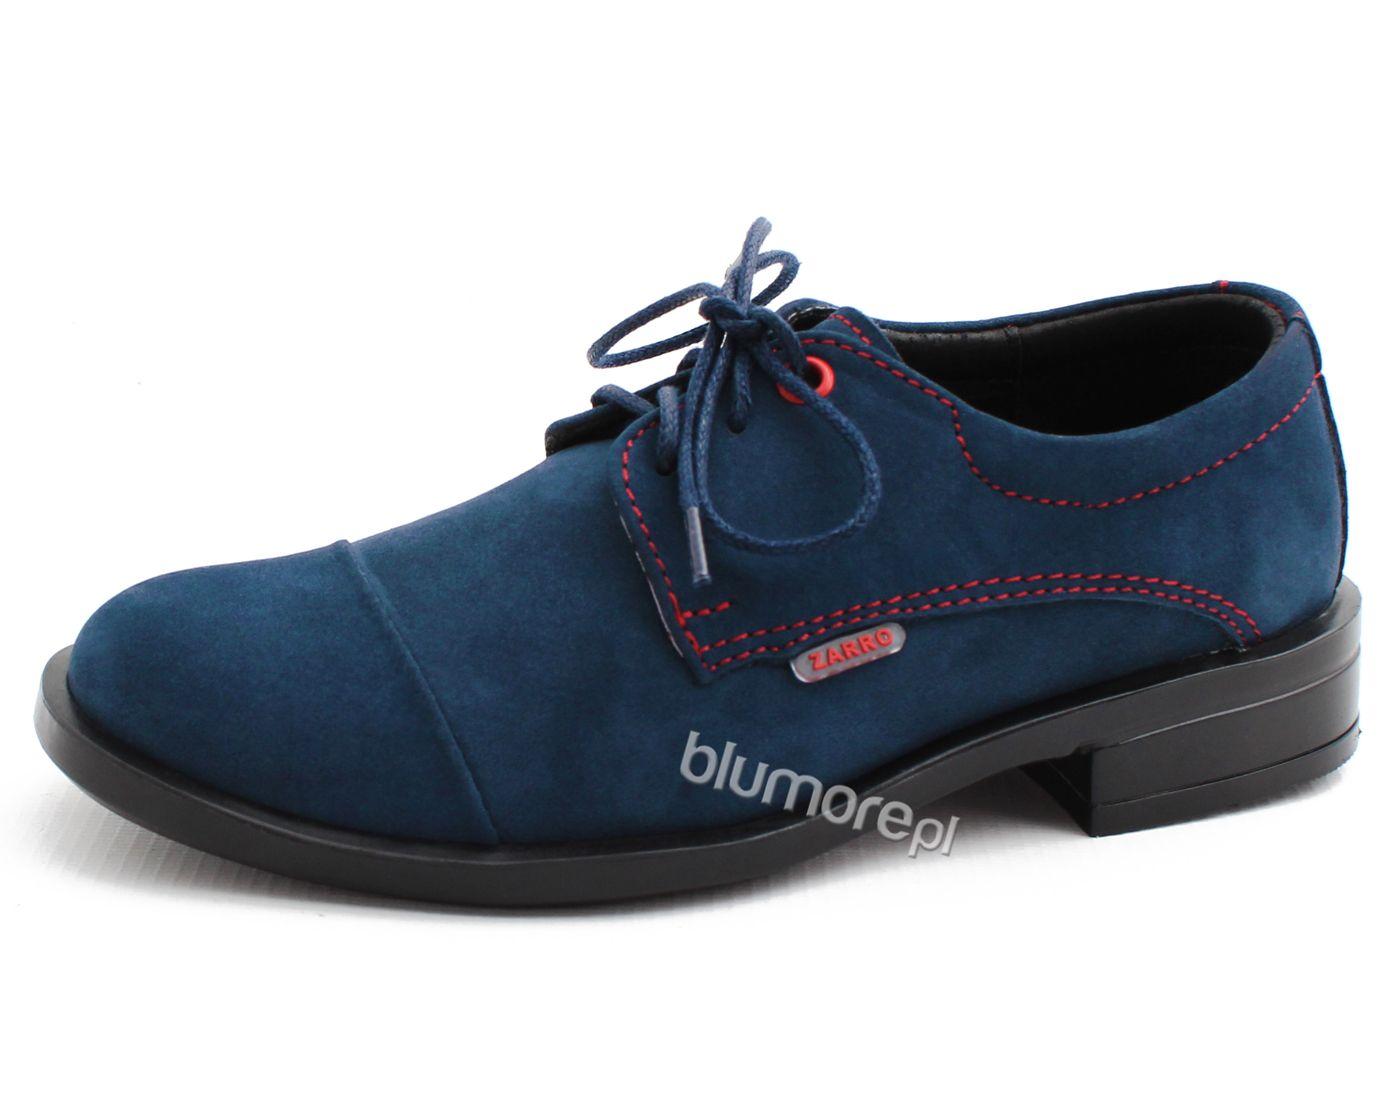 Twoj Syn Marzy O Wizytowej Kreacji Z Odrobina Mlodziezowego Luzu Polecamy Buty Wizytowe Kacper Z Pomoca Ktorych Stworzysz Elegancki St Shoes Sneakers Fashion